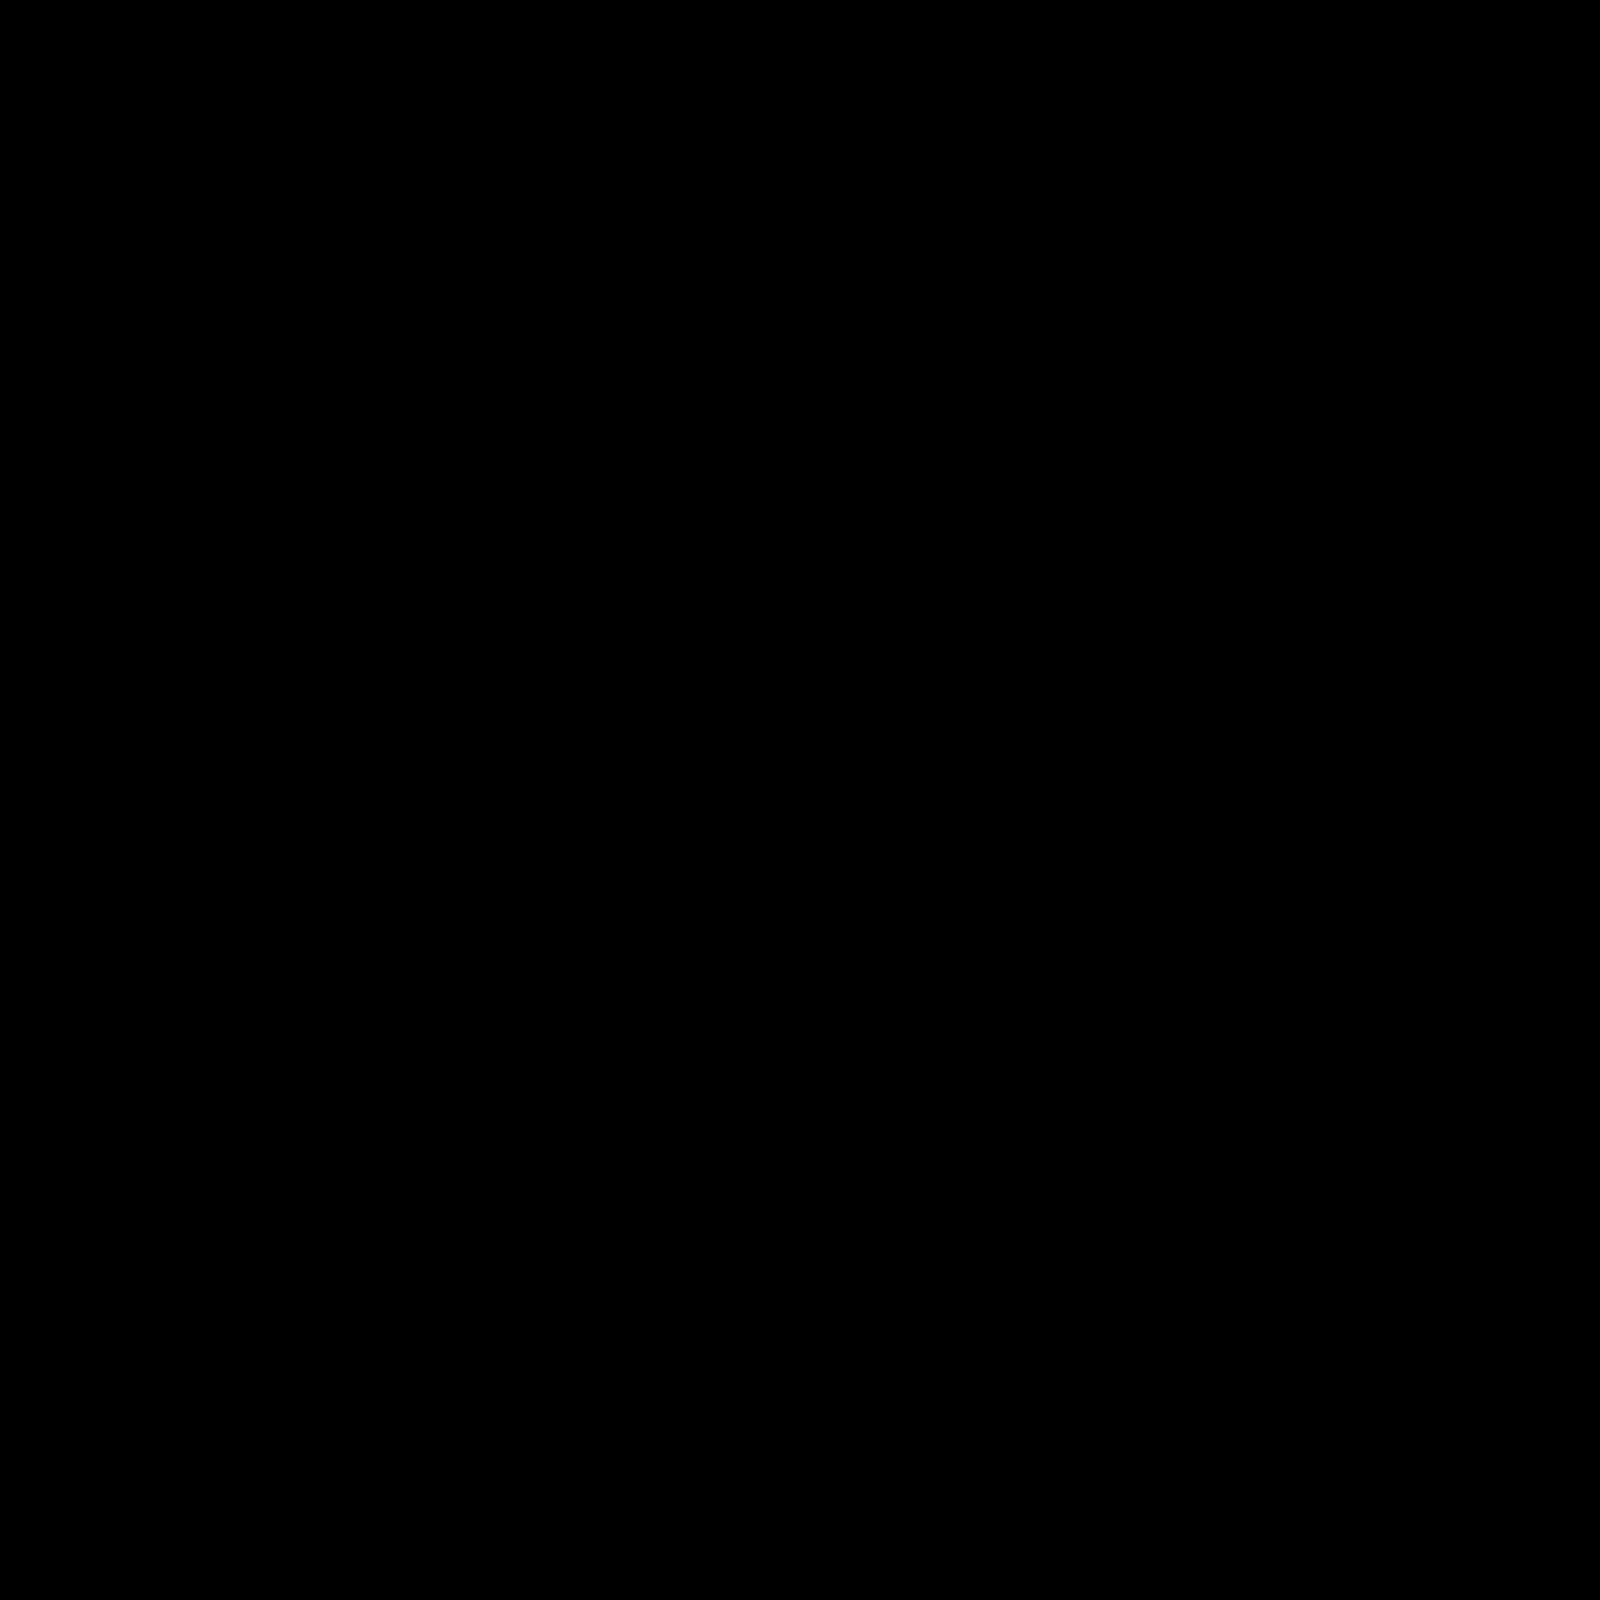 VKontakte Circled icon